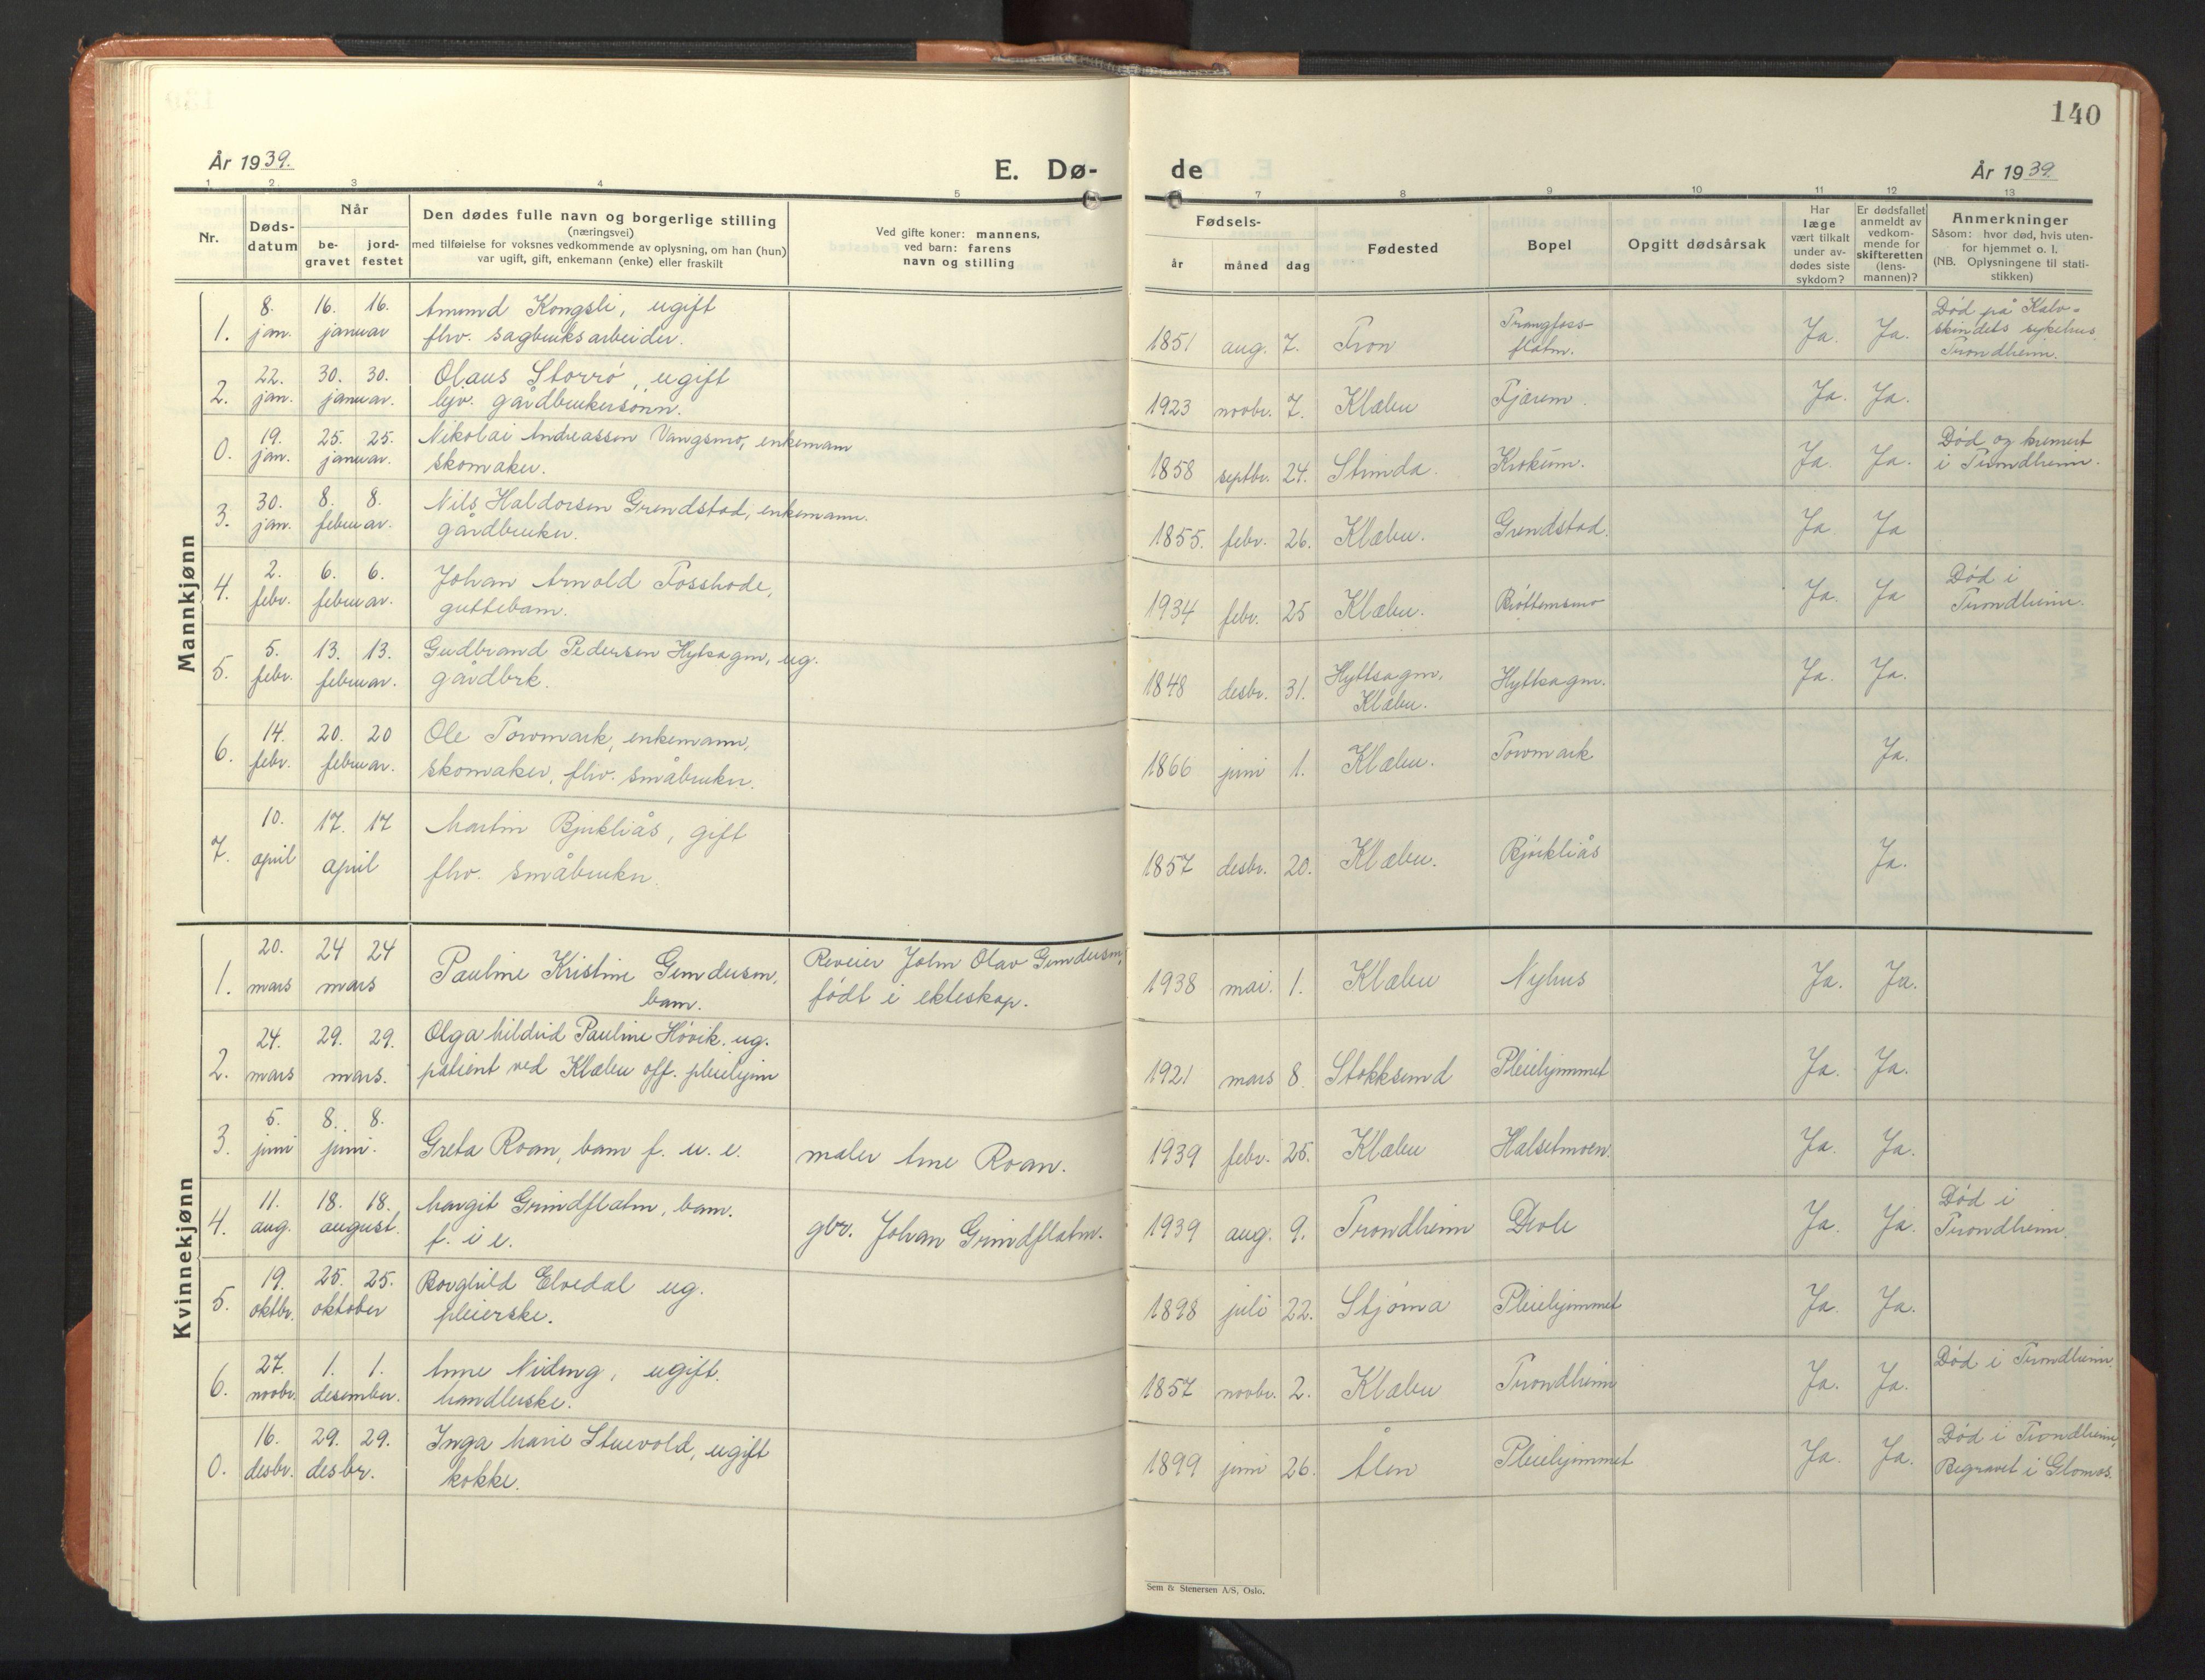 SAT, Ministerialprotokoller, klokkerbøker og fødselsregistre - Sør-Trøndelag, 618/L0454: Klokkerbok nr. 618C05, 1926-1946, s. 140